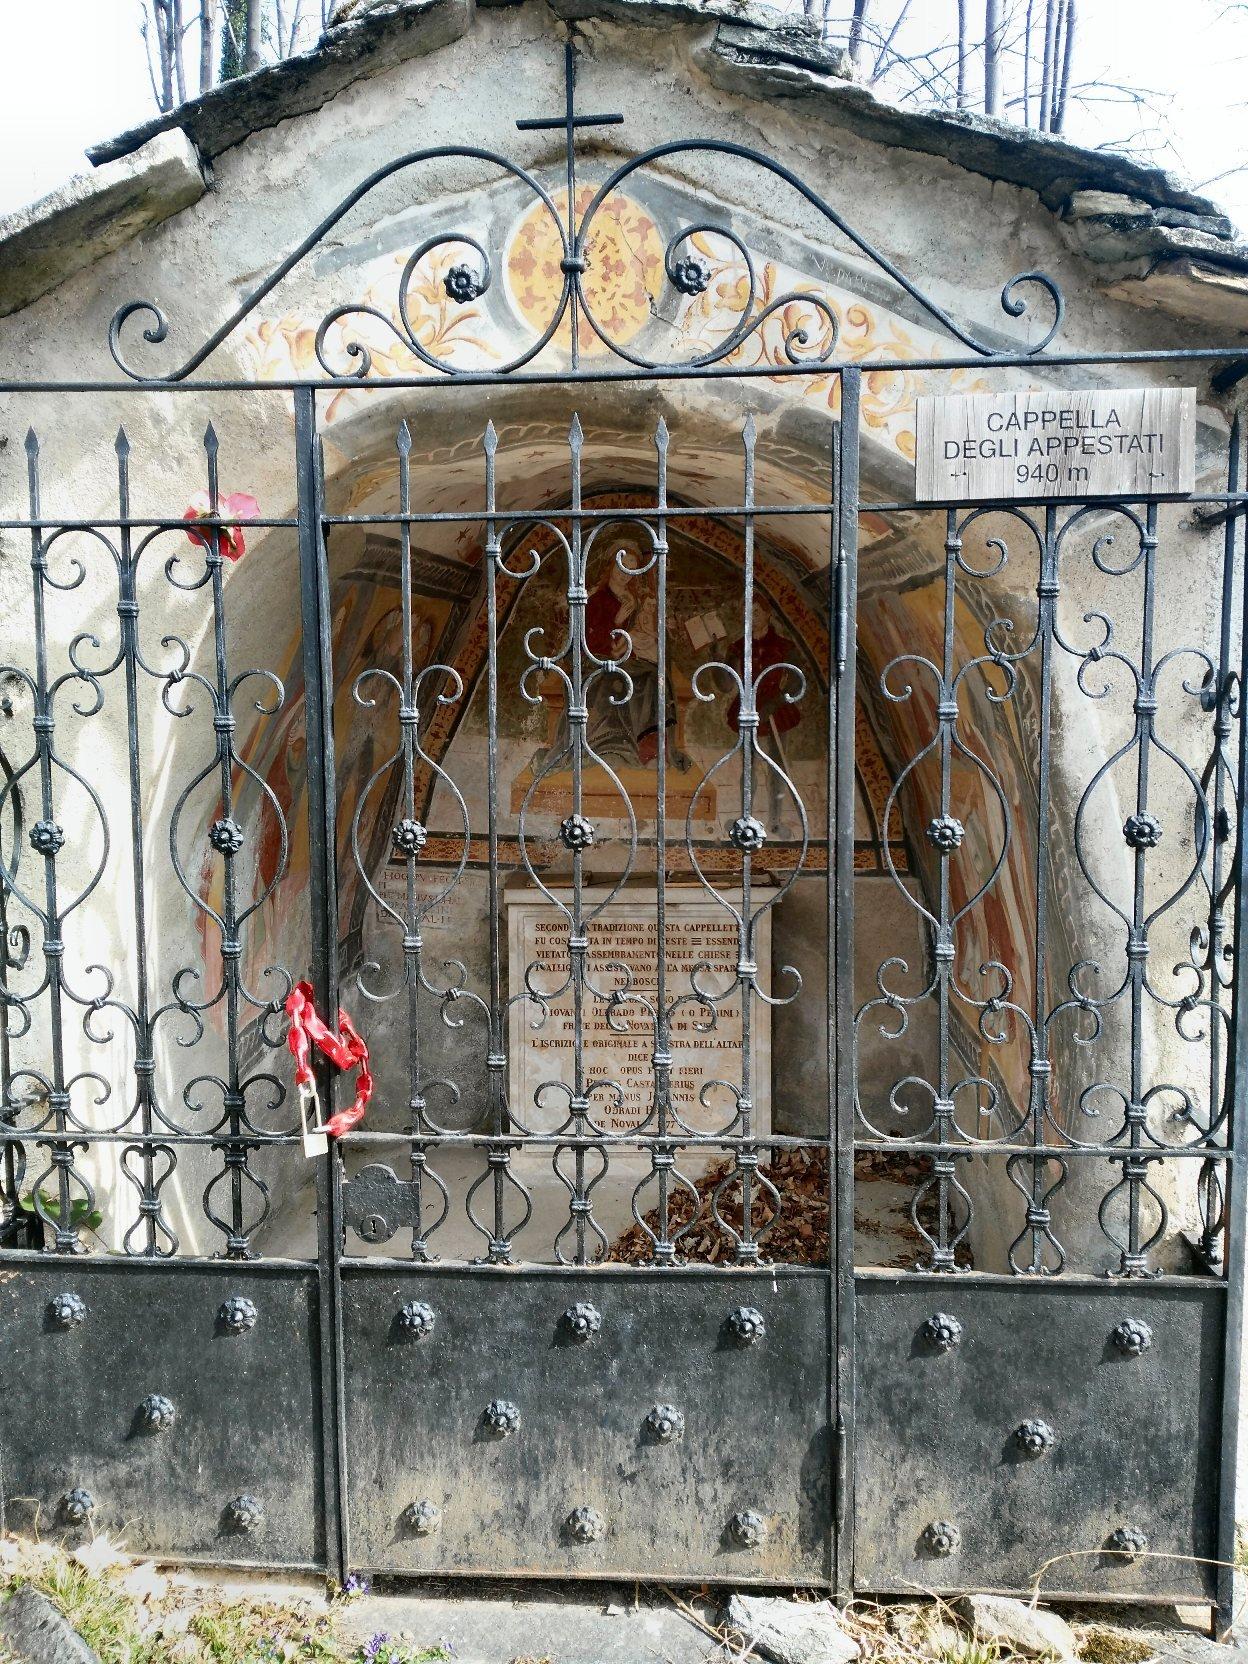 Cappella degli appestati.